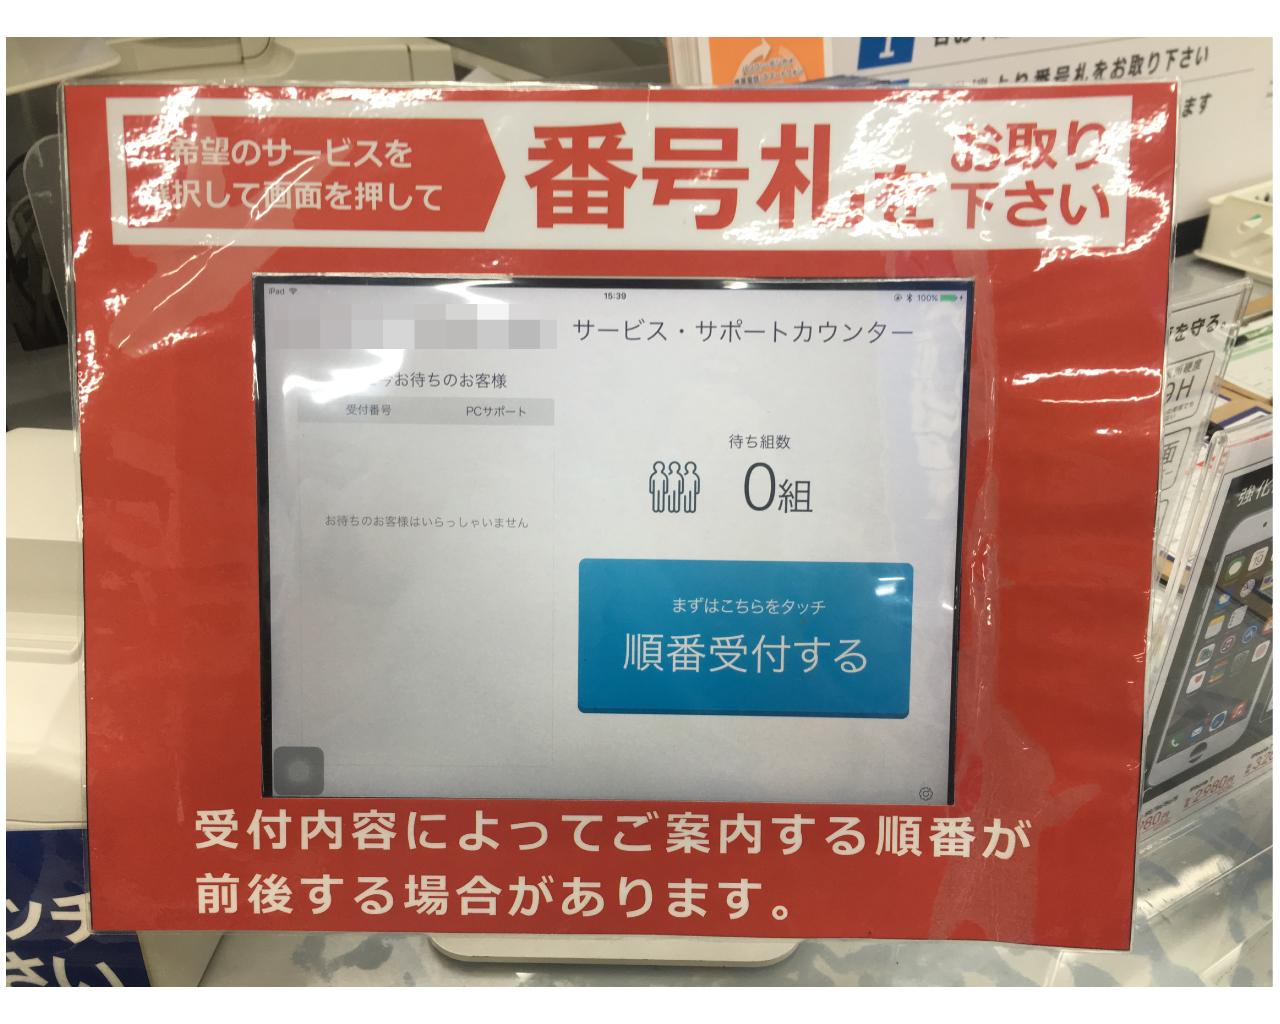 iphone-ipad-selling-sofmap-shop-4